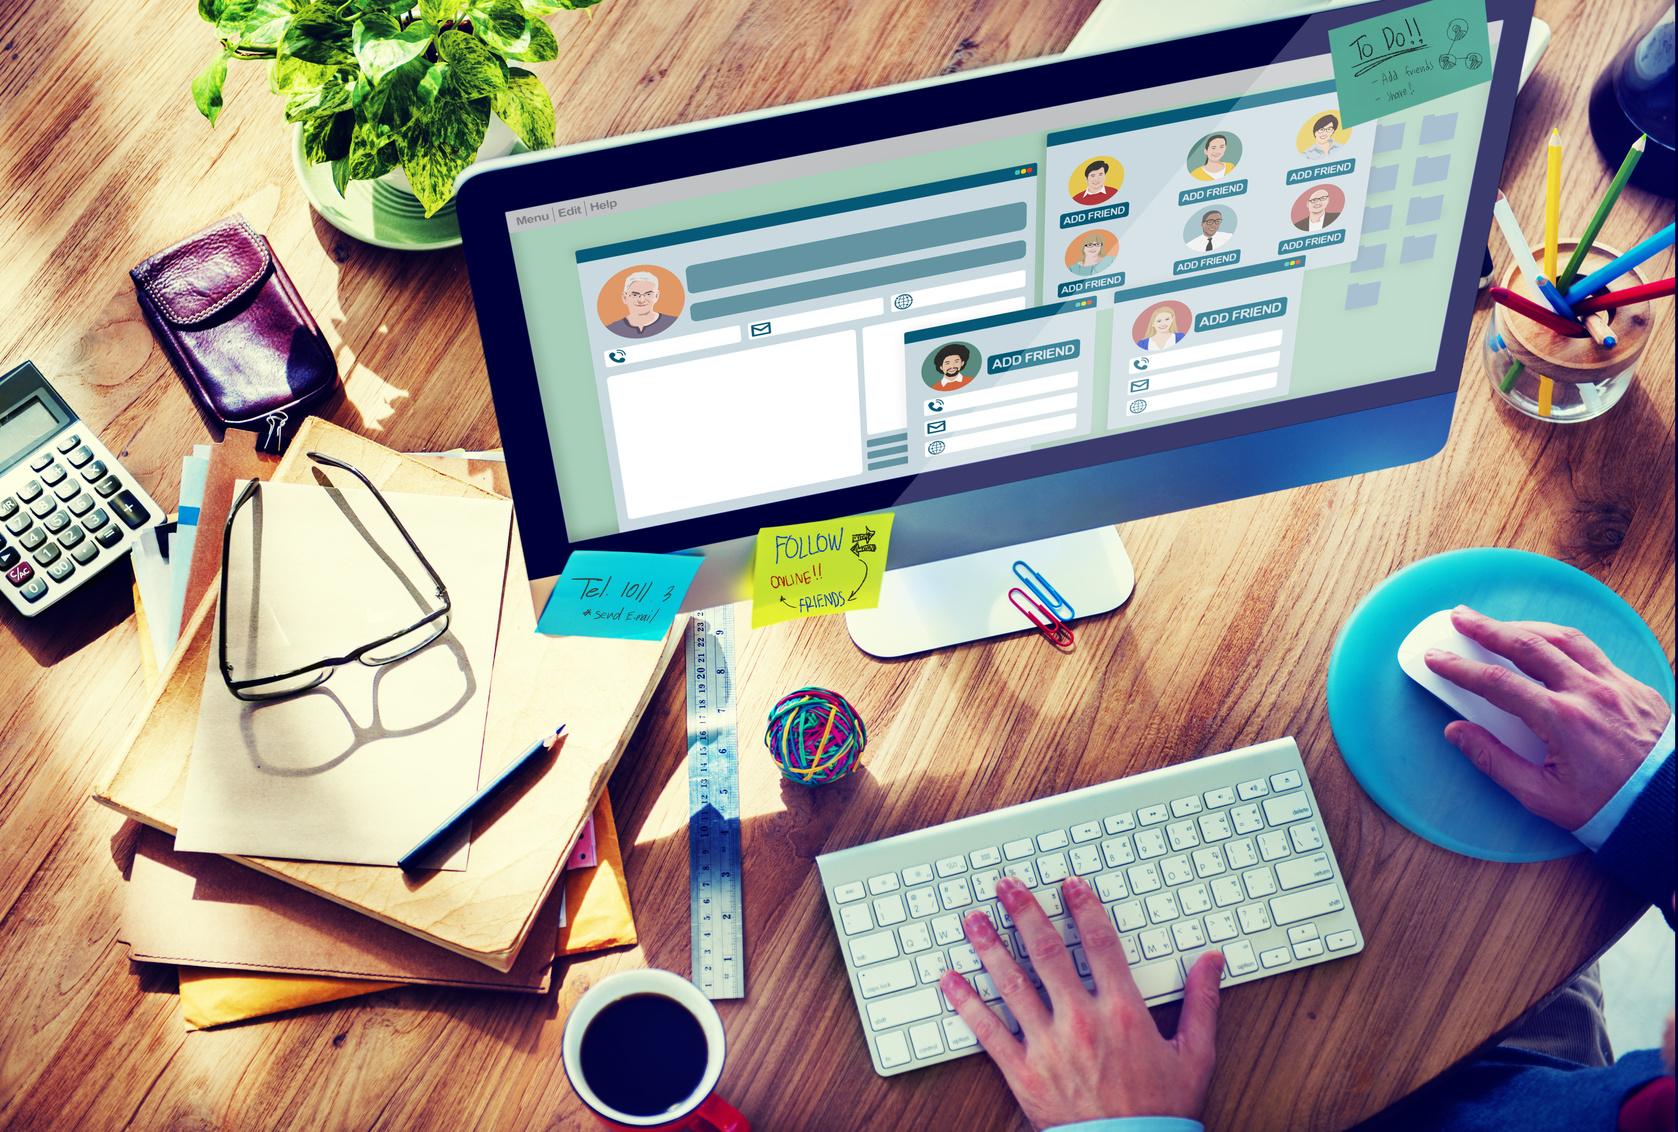 İnsanların İş İçin Sizi Kolayca Bulabilecekleri Sosyal Medya Profilleri Oluşturmak